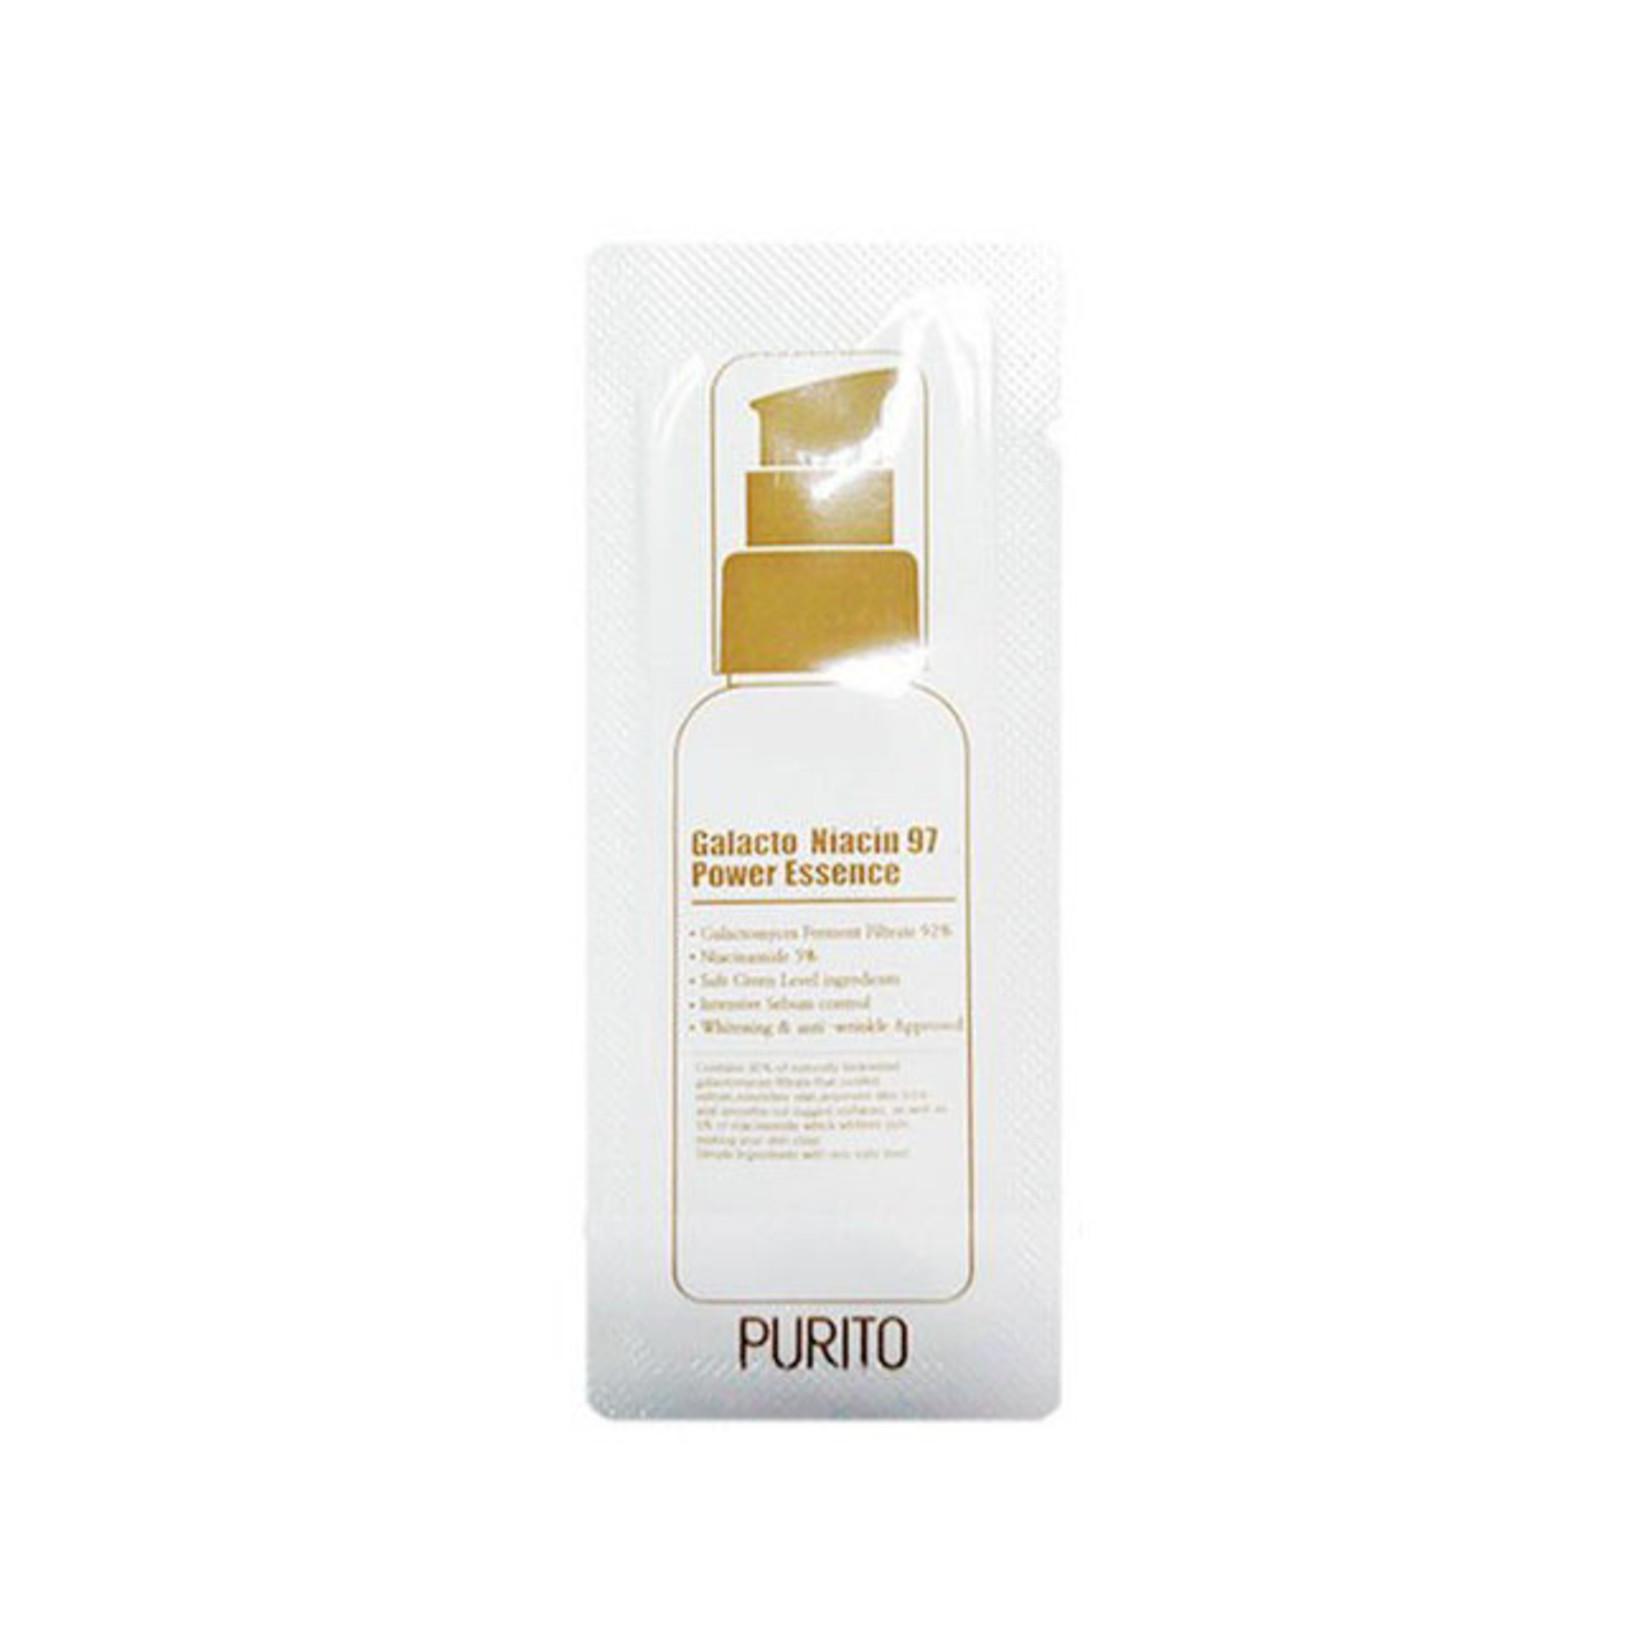 Purito Galacto Niacin 97 Power Essence Sample 50pcs